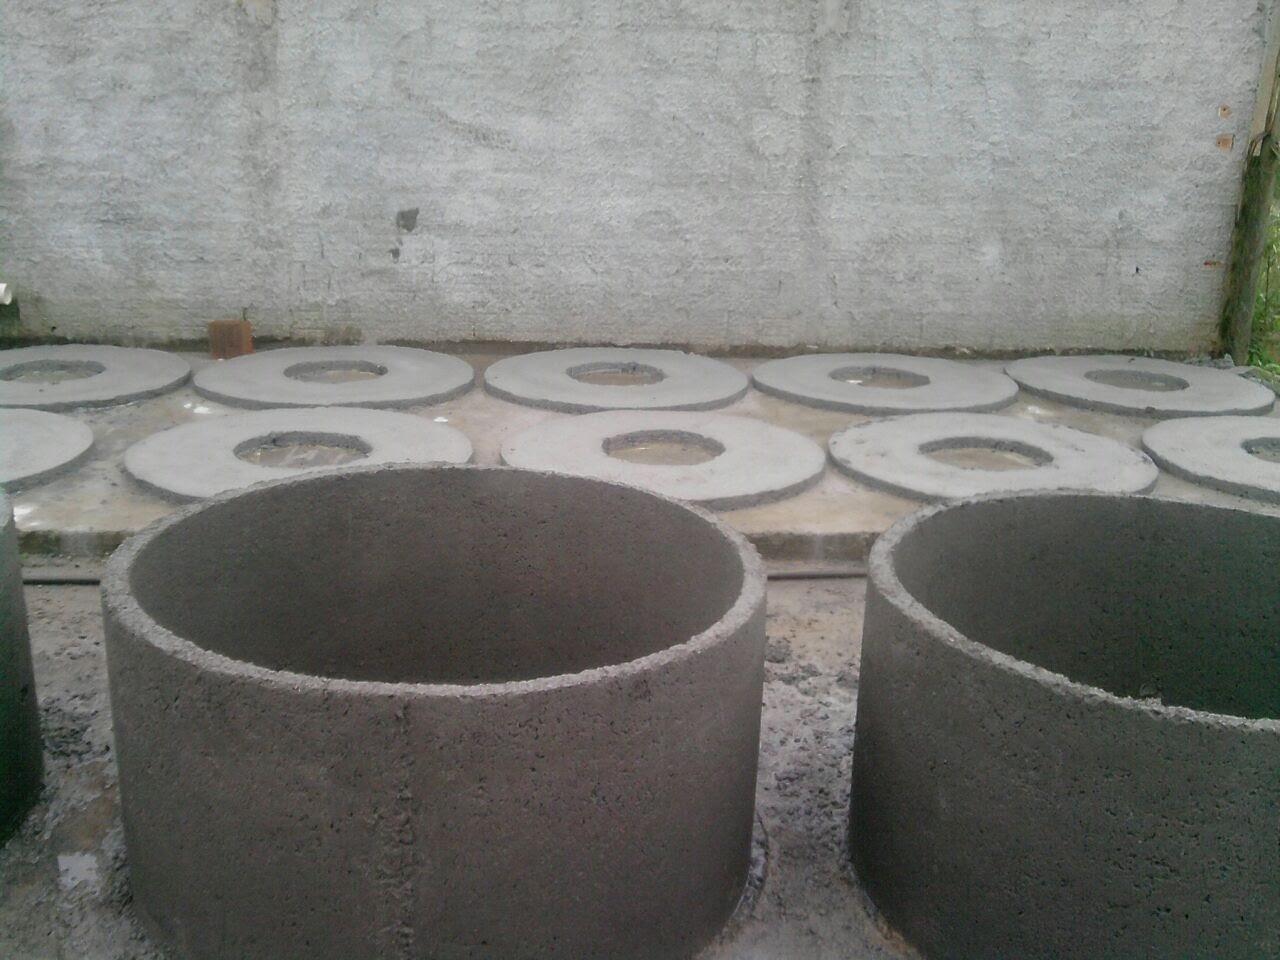 Fossas de concreto